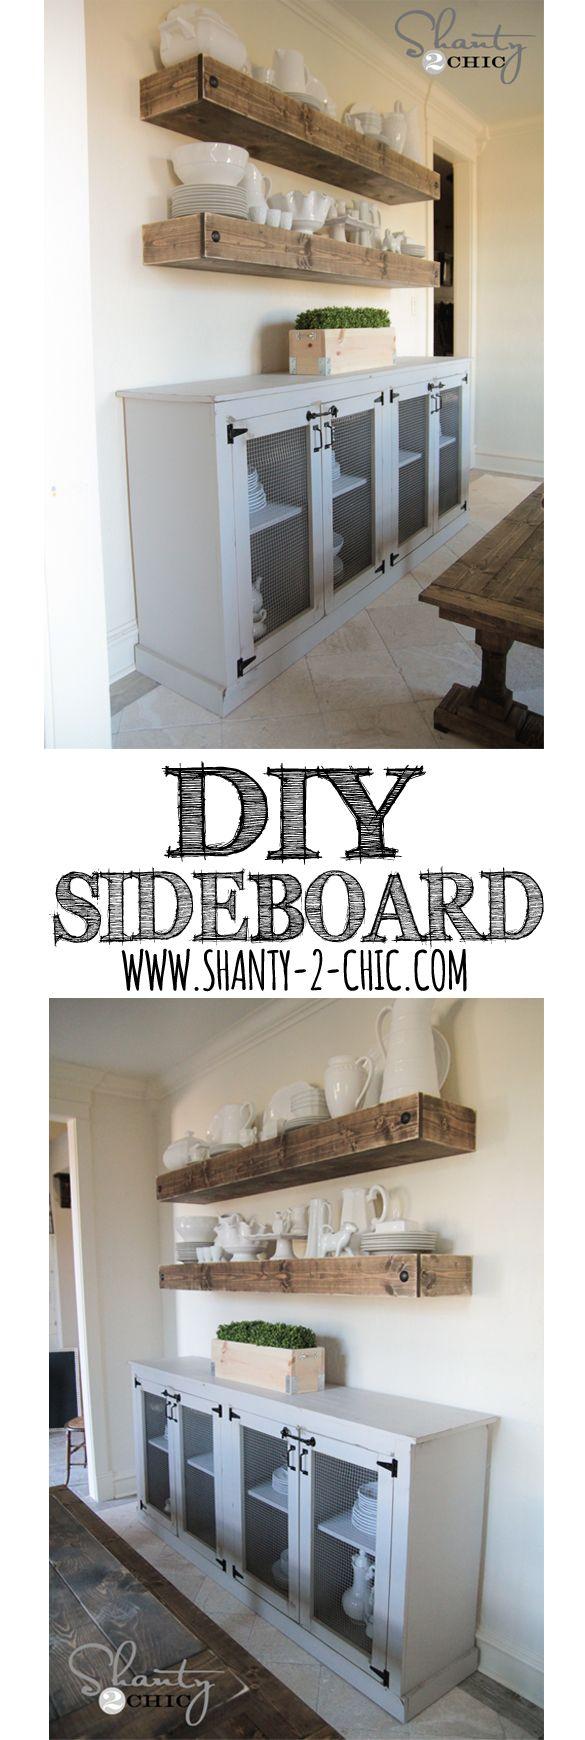 Unglaublich Sideboard Für Küche Galerie Von Love This Diy E Sideboard! Free Plans